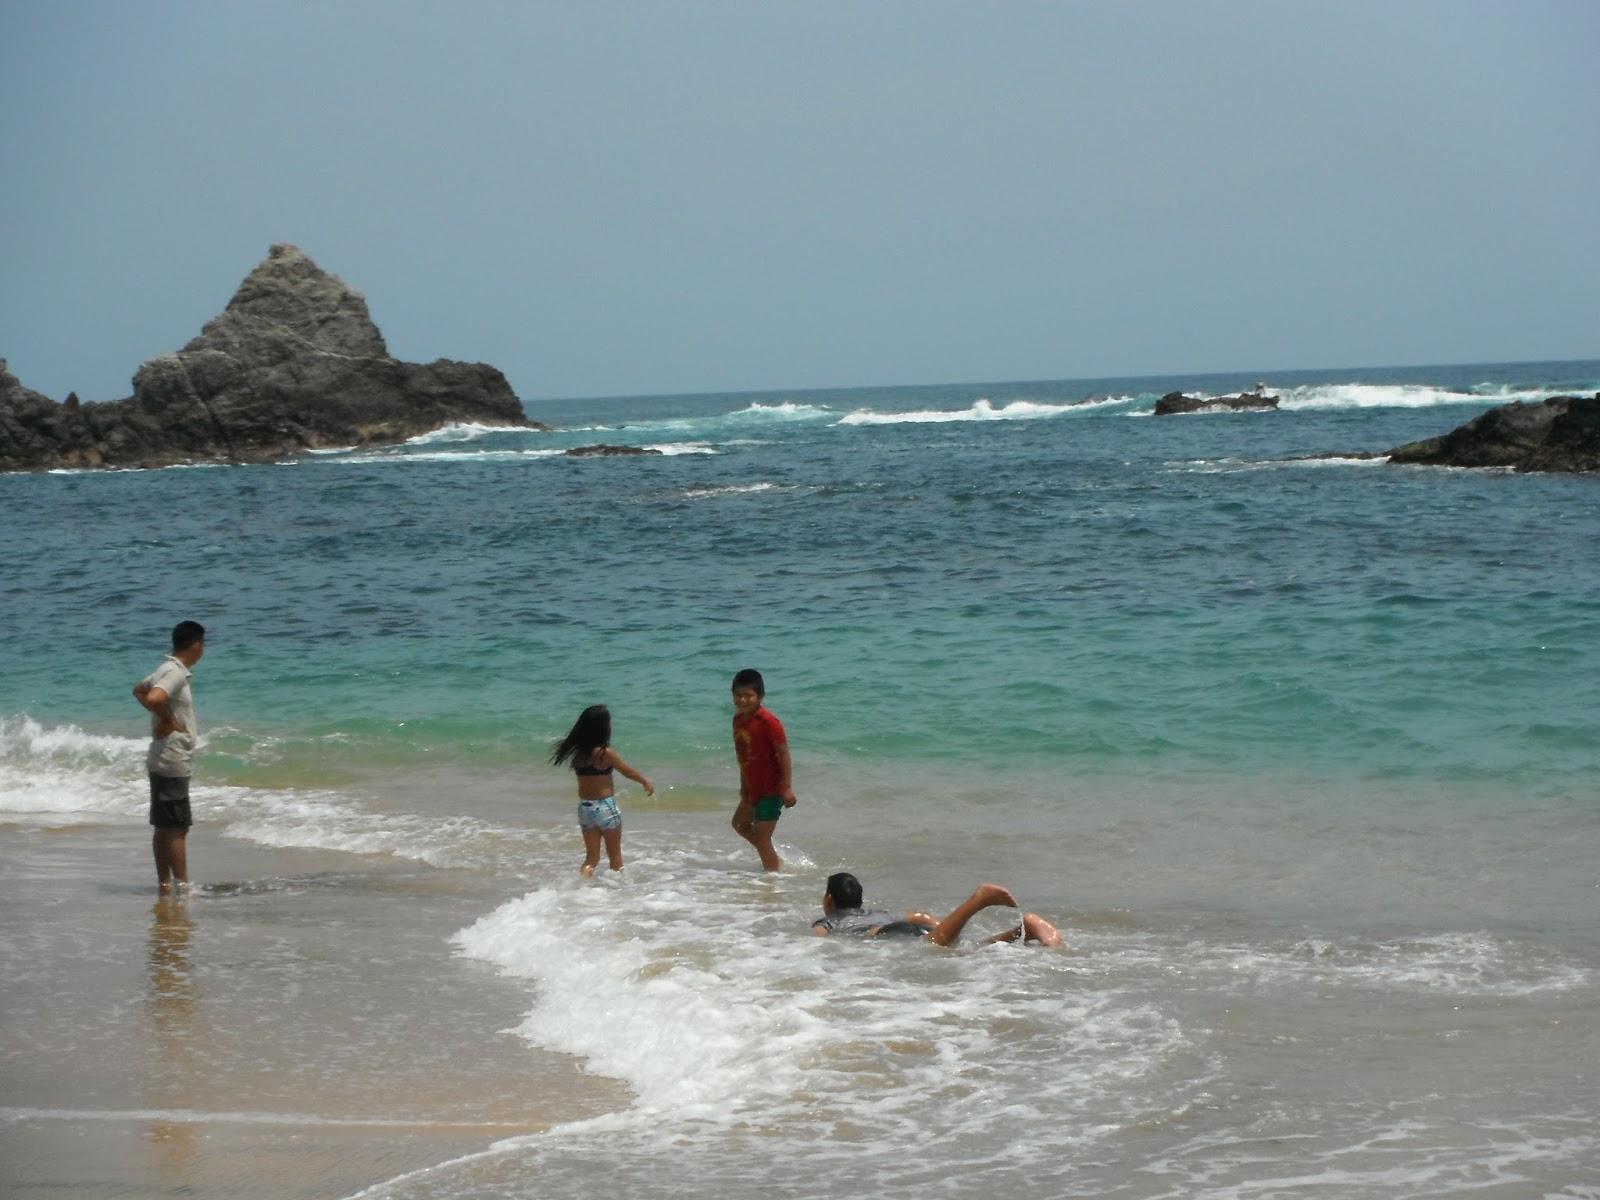 Ecoturismo m xico playa mazunte santa mar a tonameca for En zacatecas hay playa